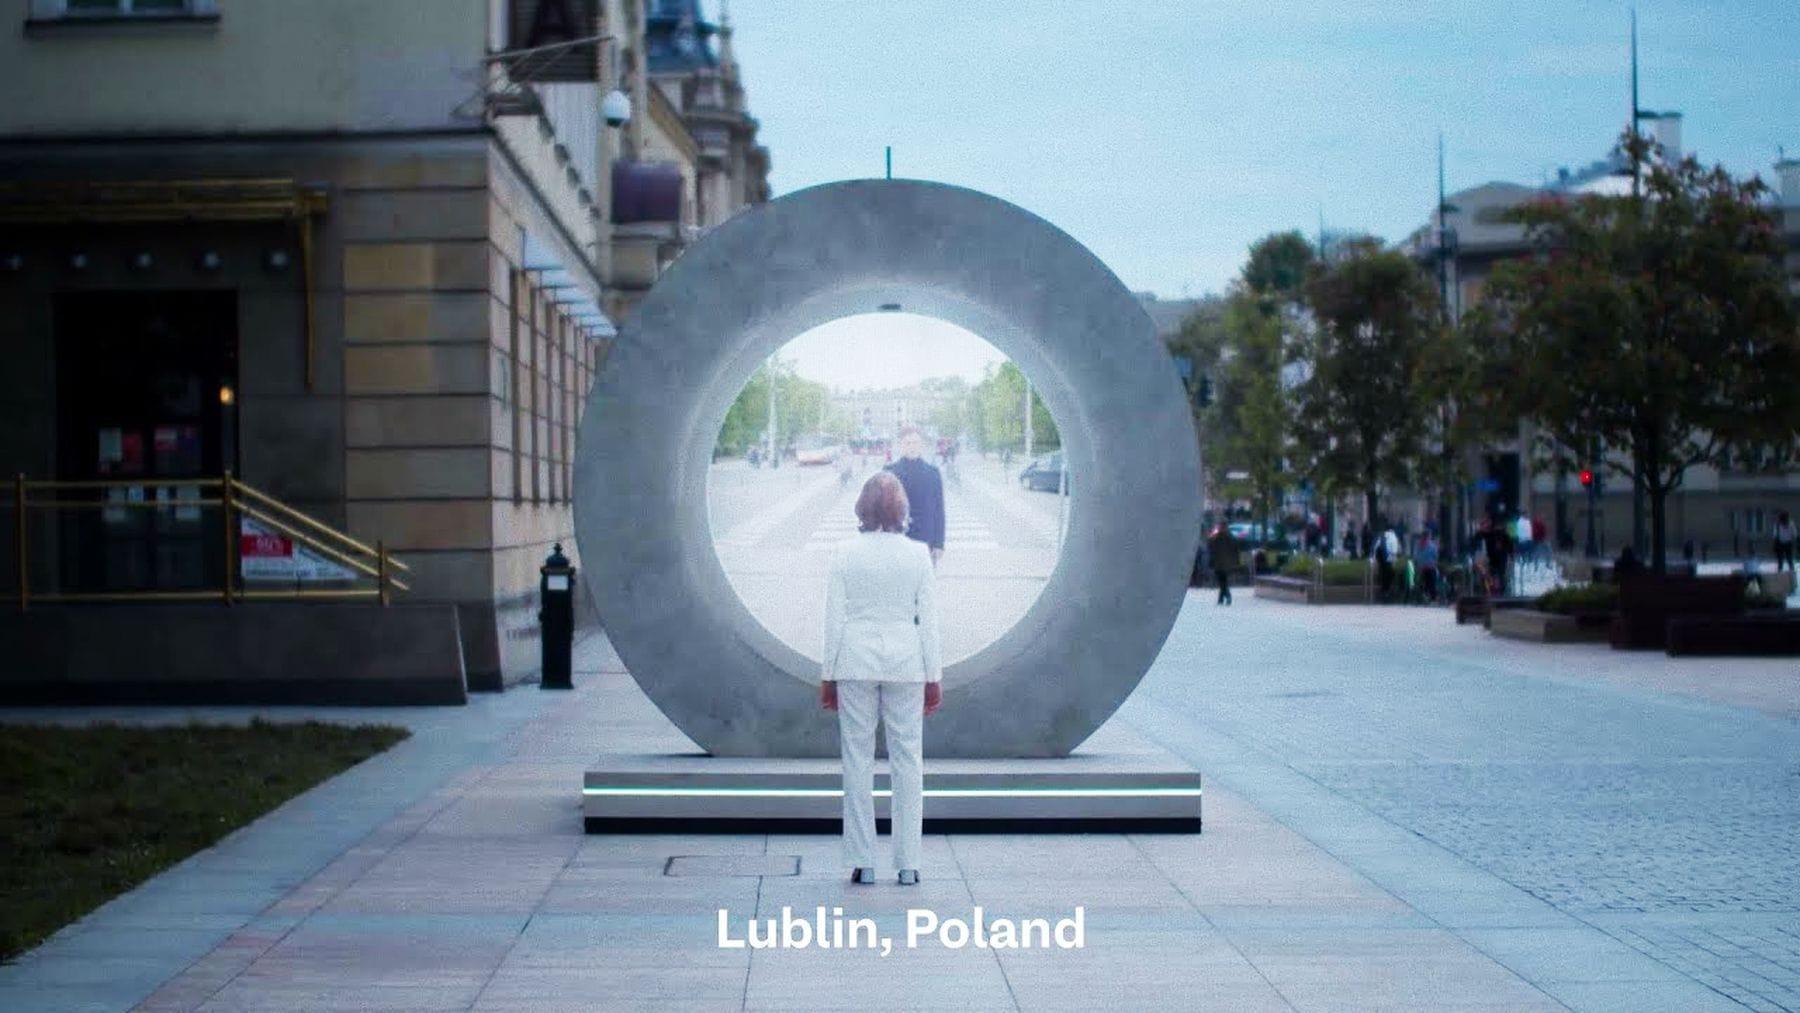 Dank Portal gibt es einen schnellen Blick in andere Städte | Gadgets | Was is hier eigentlich los?